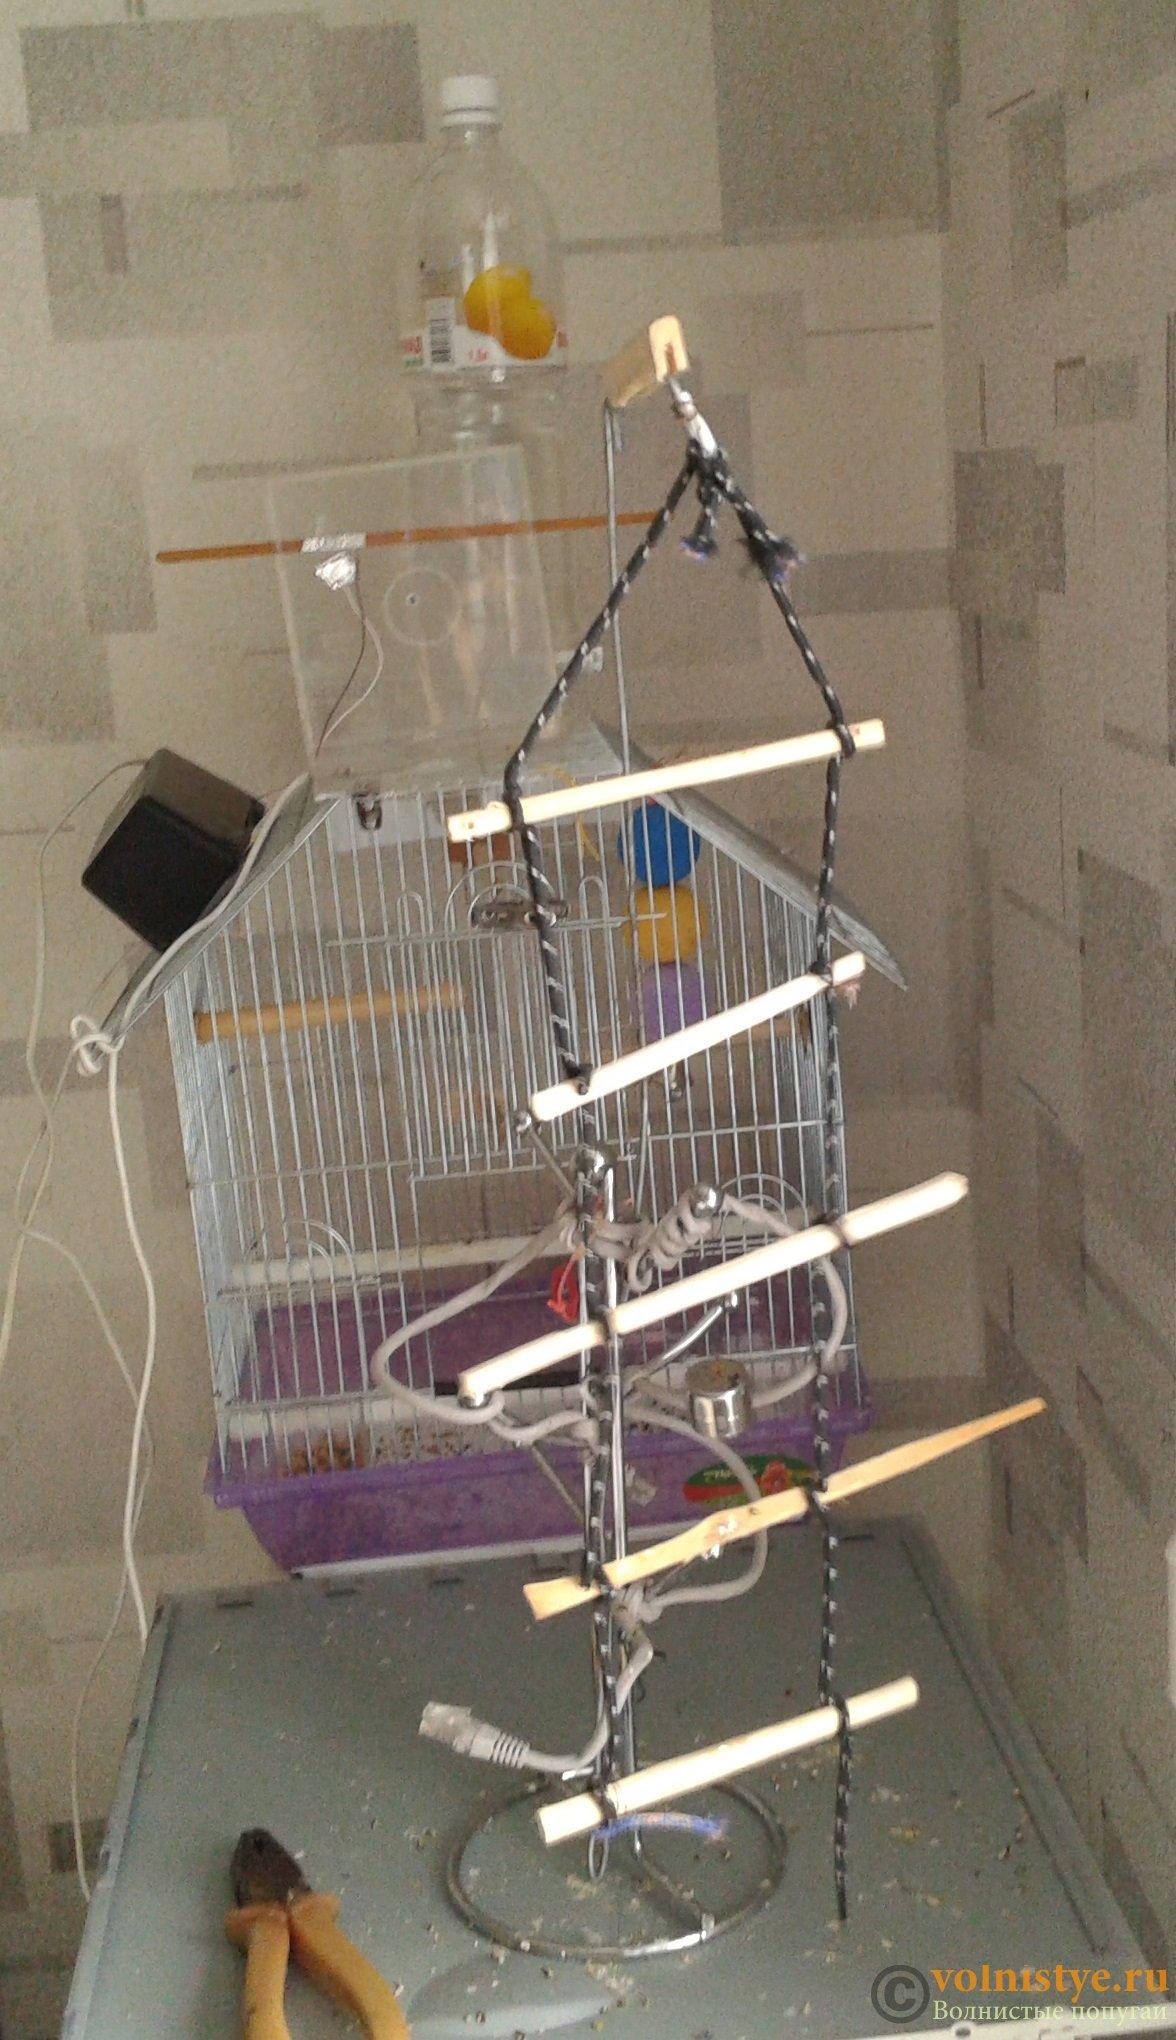 Что можно сделать волнистому попугаю своими руками фото 48